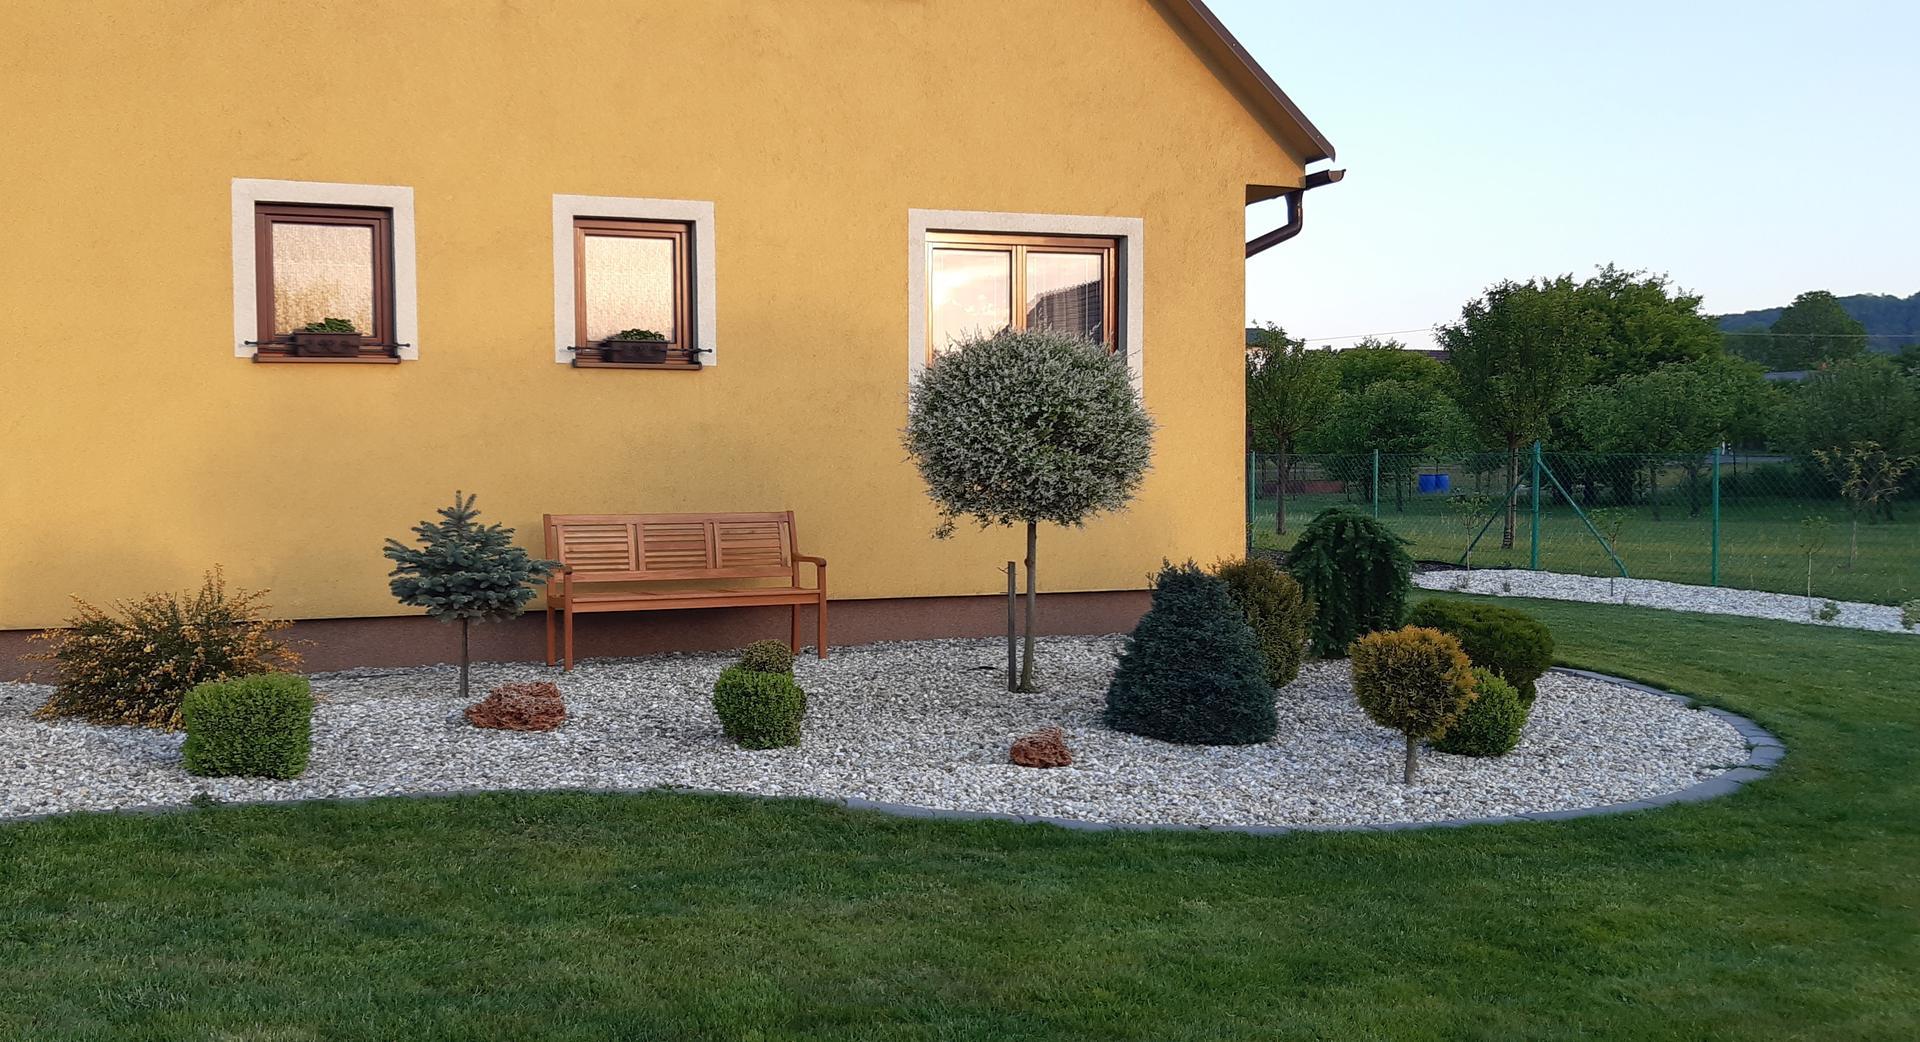 Zahrada 2020 - Lavička před  domem